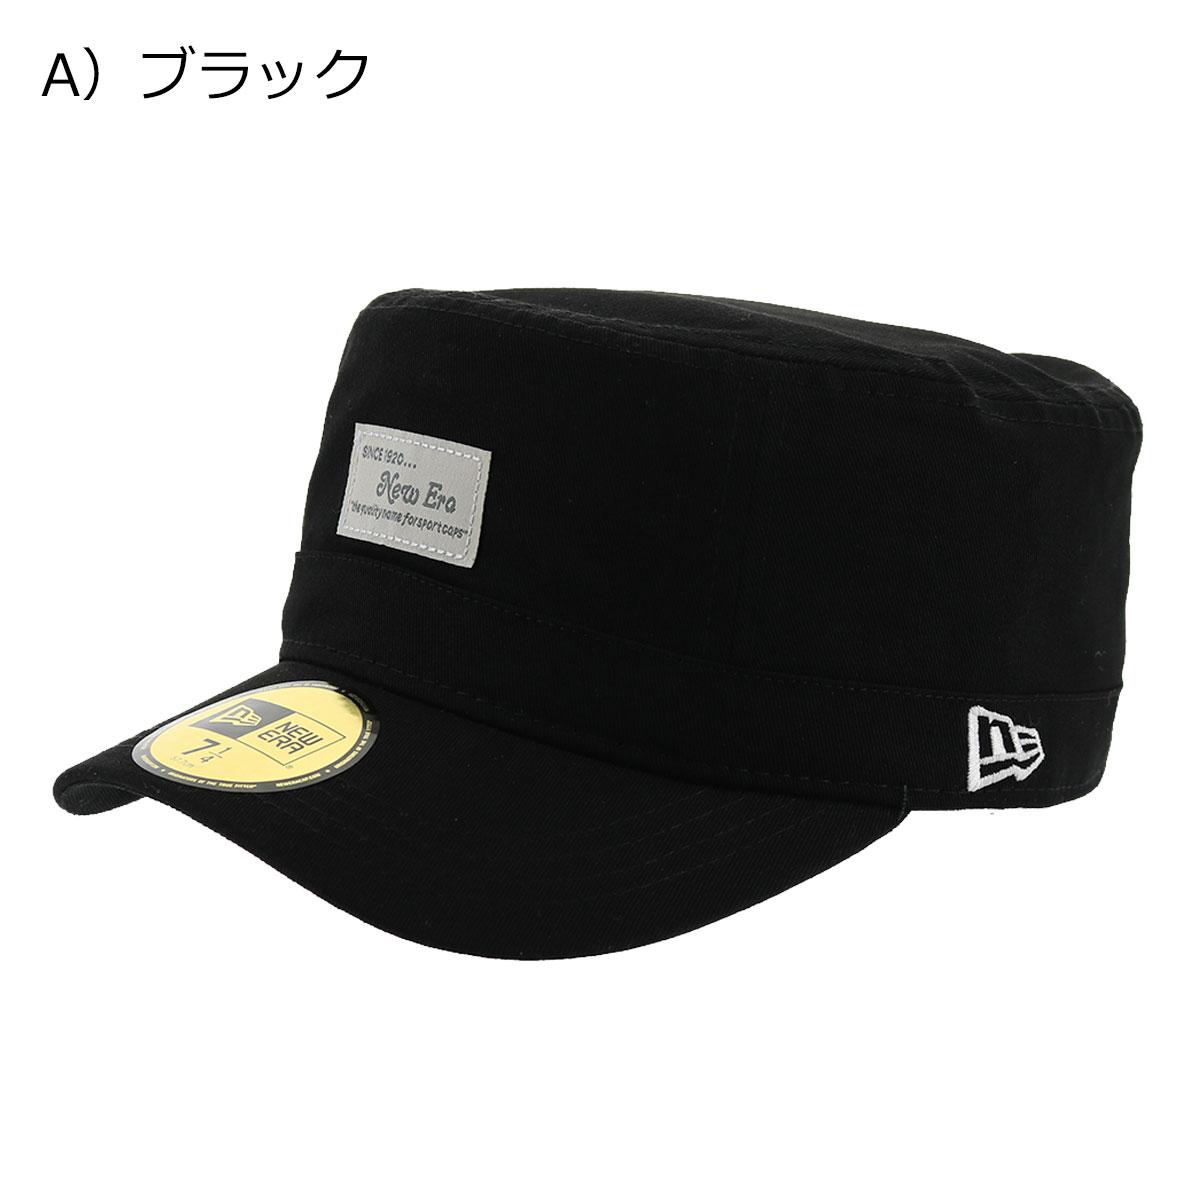 A)ブラック